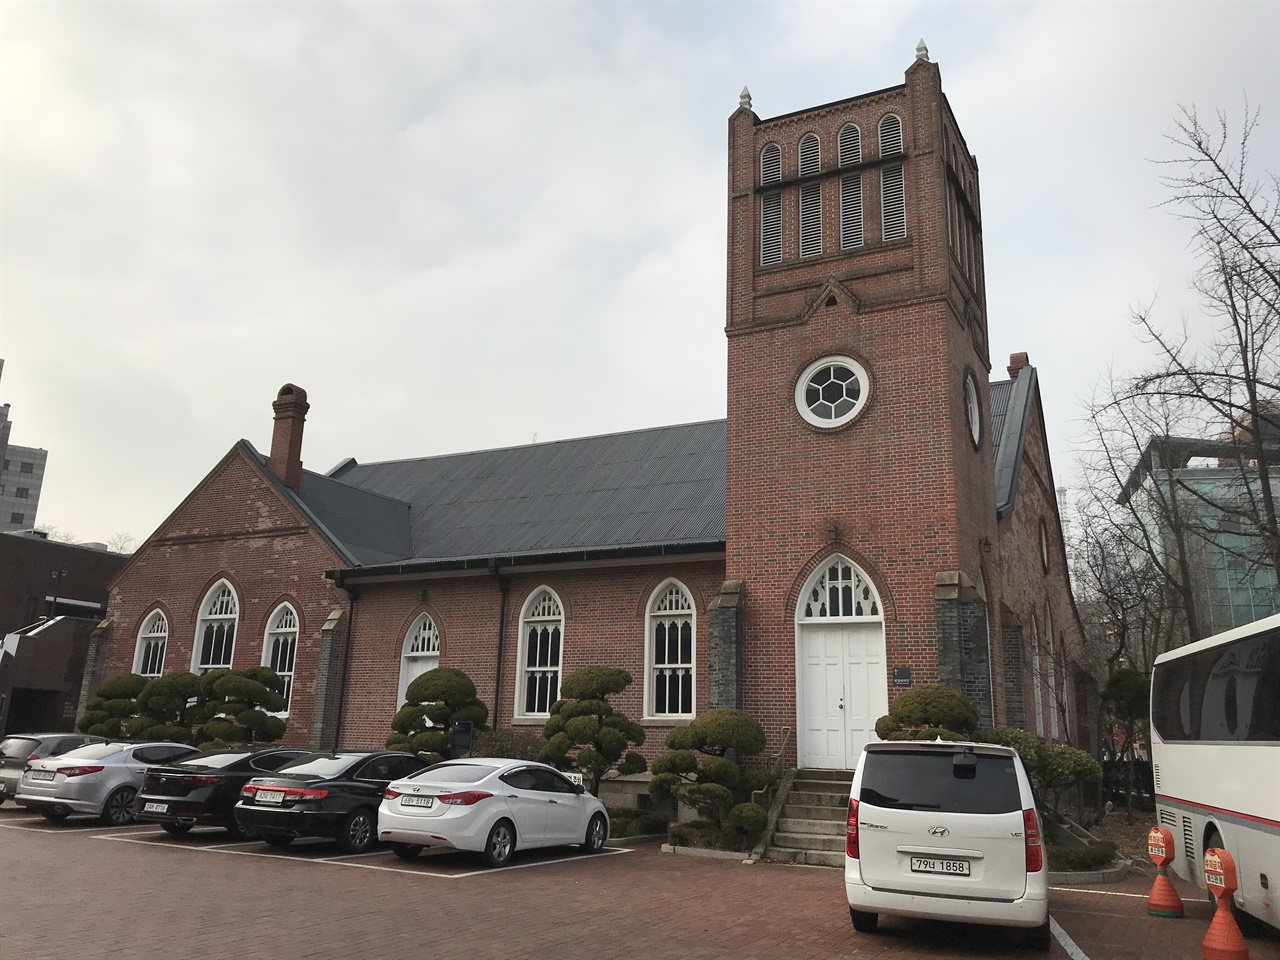 정동제일교회 벧엘예배당 1985년 공사를 시작, 1897년 완공된 벧엘예배당은 최초의 서양식 개신교회이자 건축물로 꼽힌다. 대한제국 건축가 심의석이 참여한 걸로 알려져 있다. 미국 선교사 아펜젤러가 건립을 주도했다. 정동제일교회에 아펜젤러의 흉상이 있는 건 이 때문이다. 한국 최초의 파이프 오르간도 이곳에 설치되었다(1918년). 대한민국 사적 256호로 지정되었다.